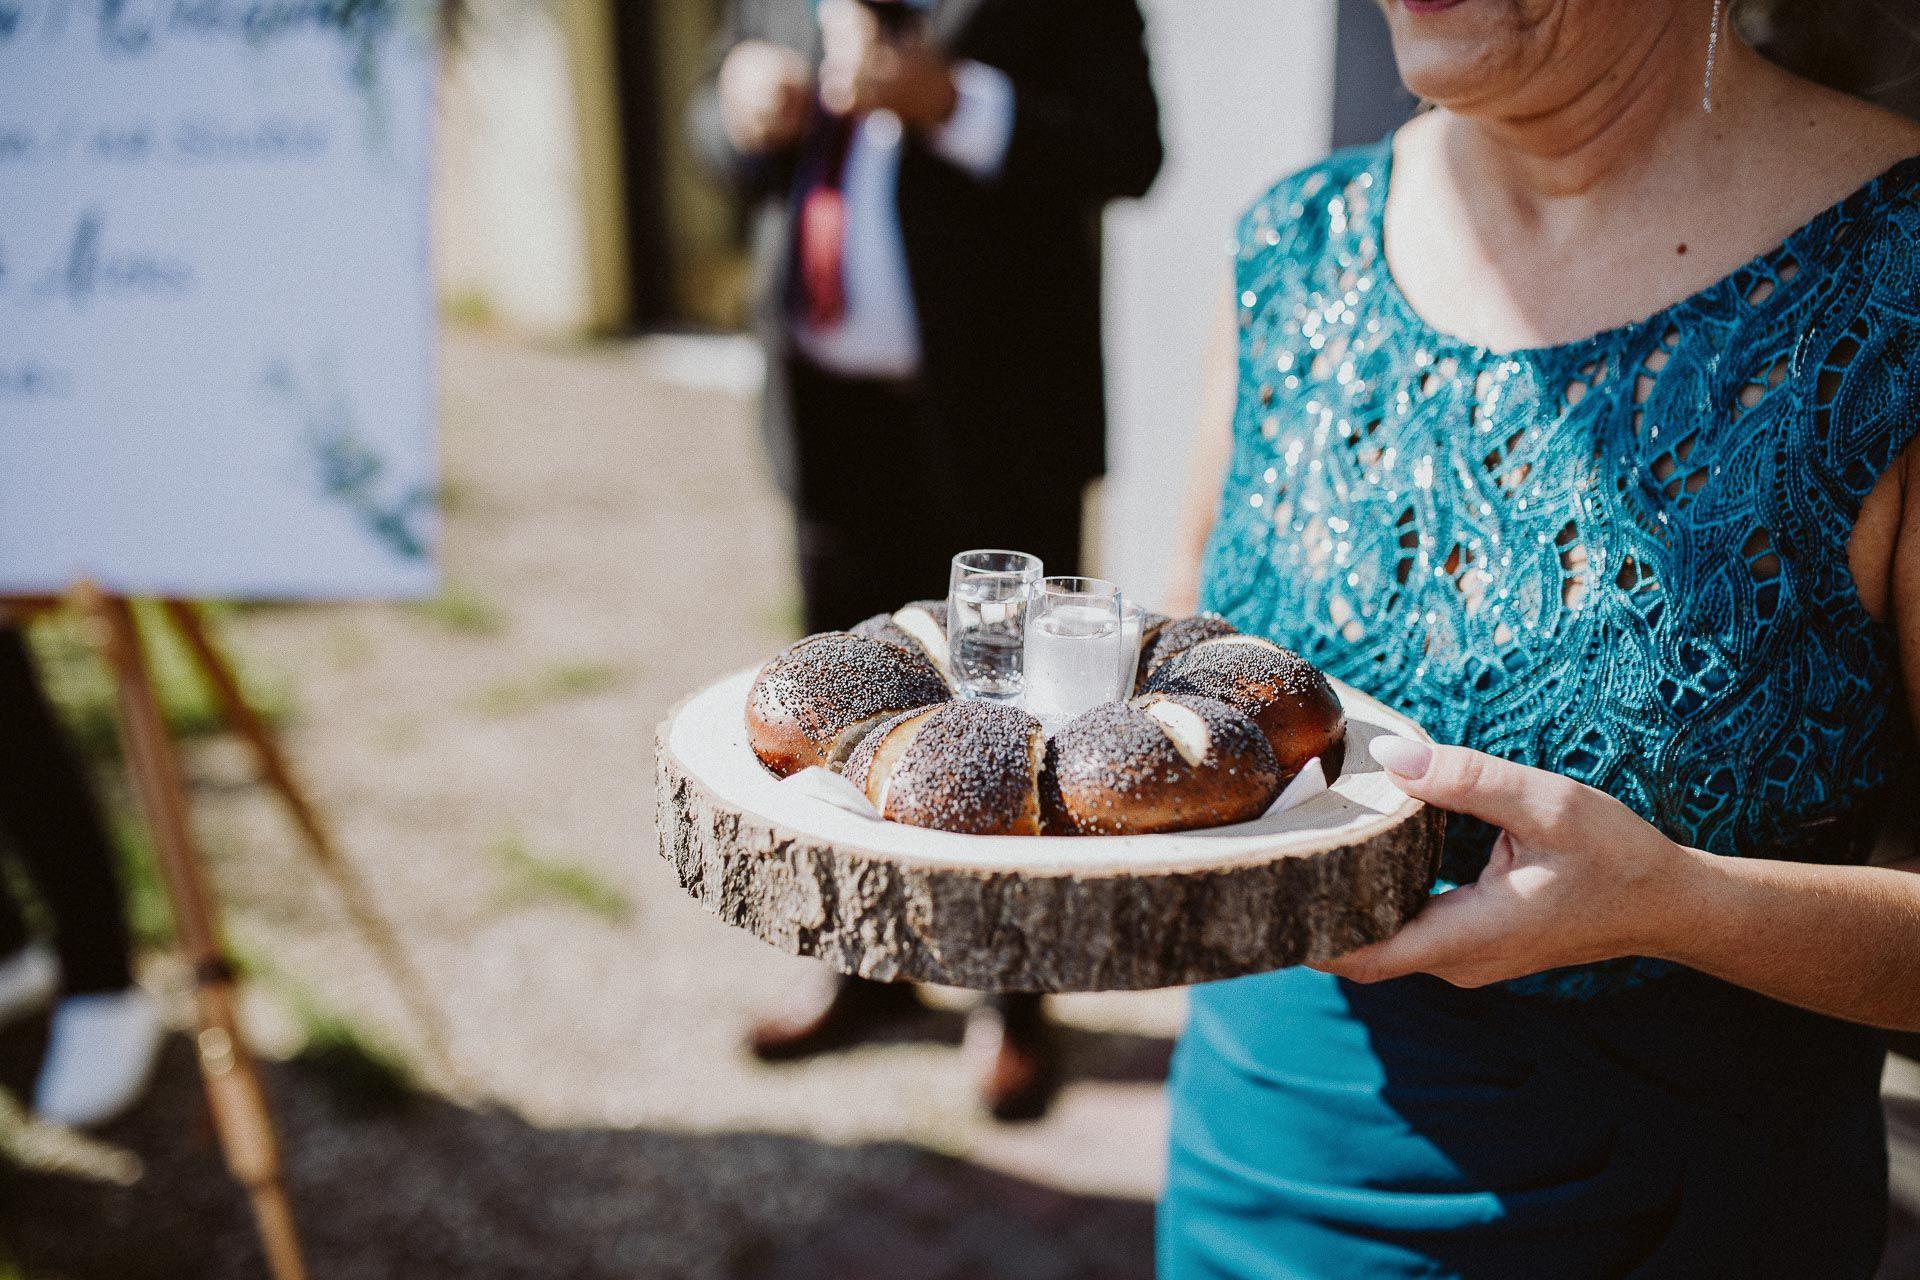 Polnische Hochzeitsbrauche Hochzeit Brauche Hochzeitsbrauche Polnische Hochzeit